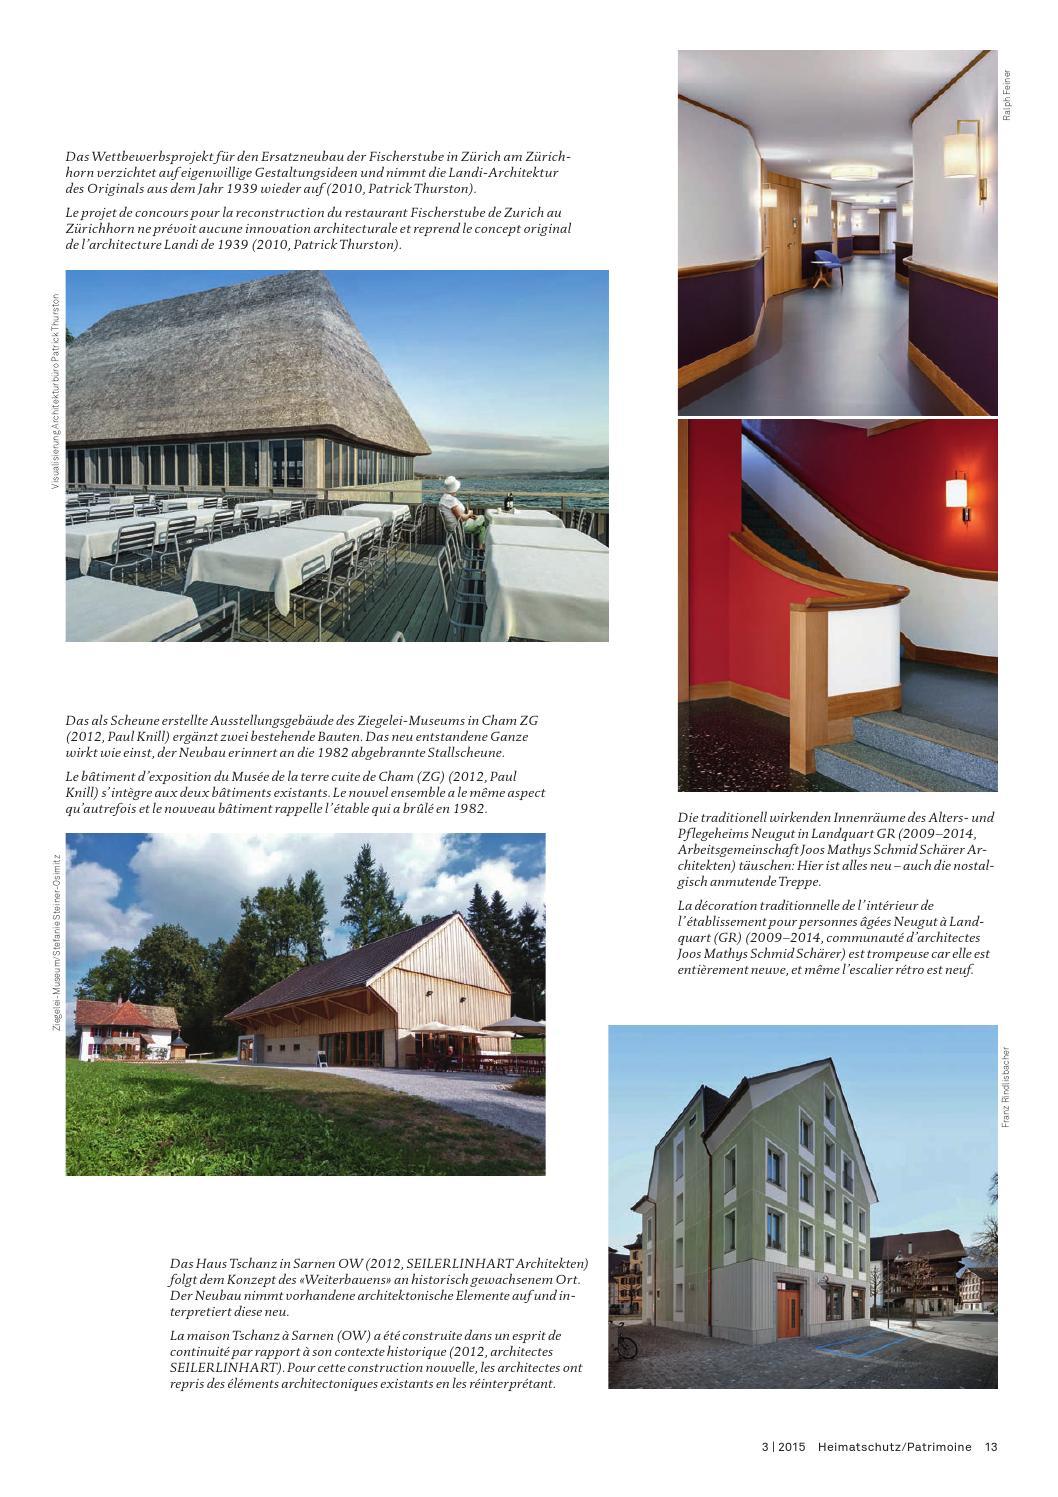 Heimatschutz/Patrimoine 3-2015 by Schweizer Heimatschutz - issuu